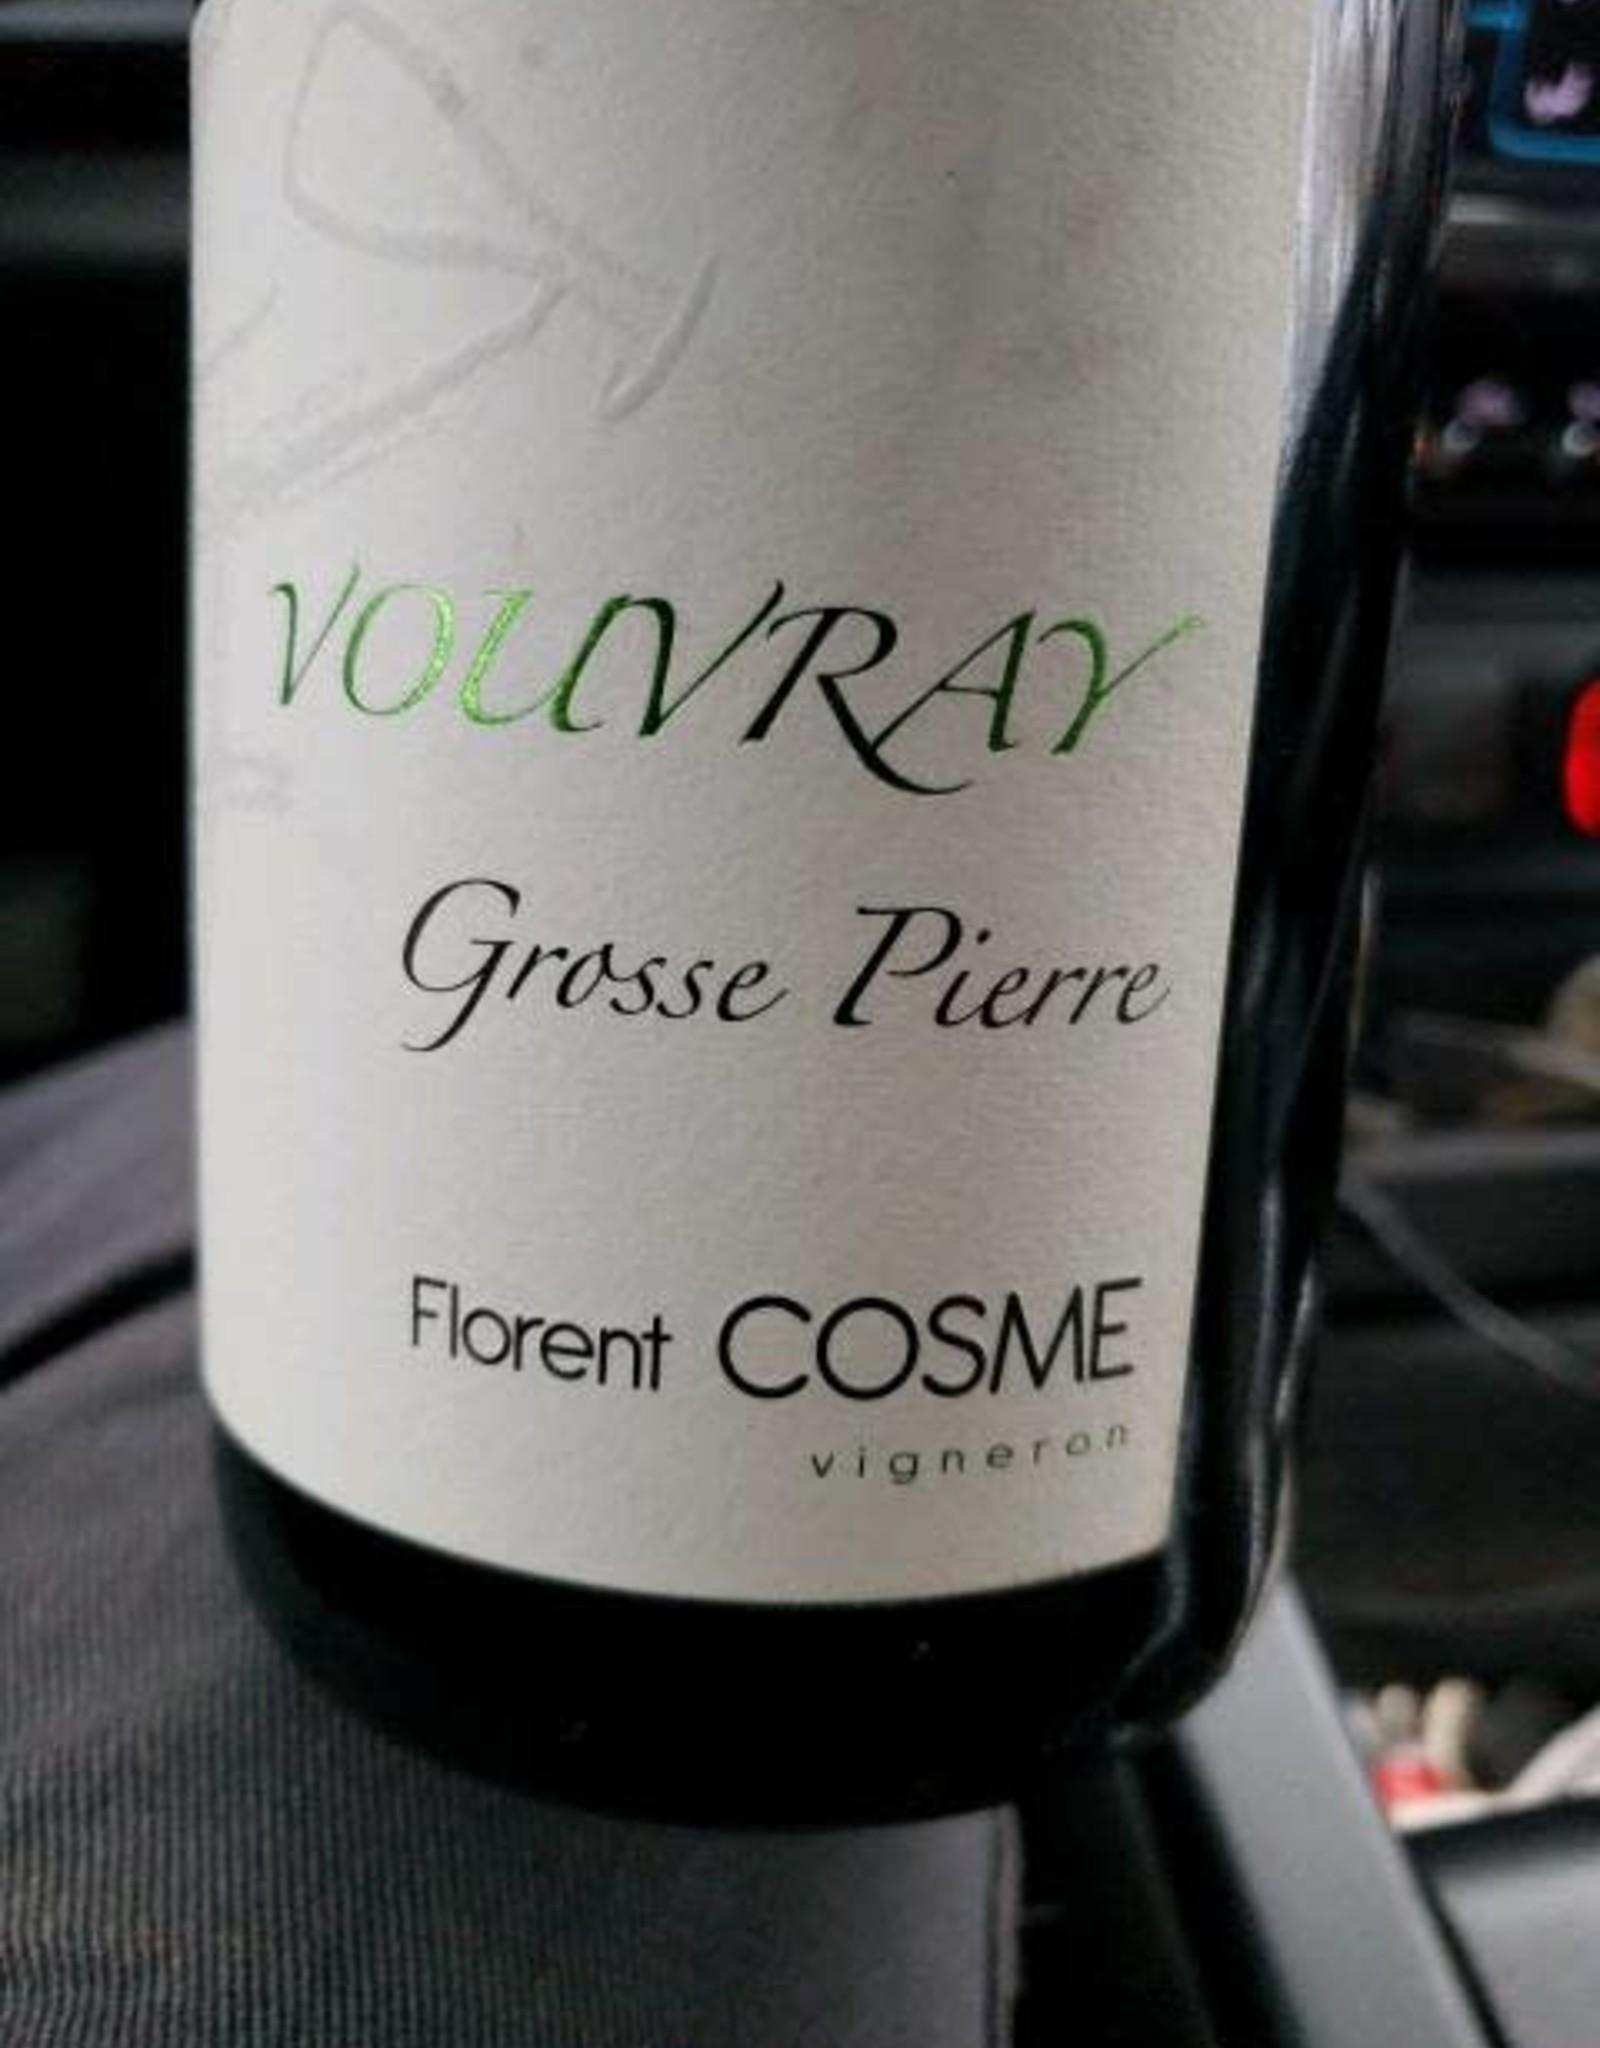 Vouvray Sec, GROSSE PIERRE, Loire, Florent Cosme 2019